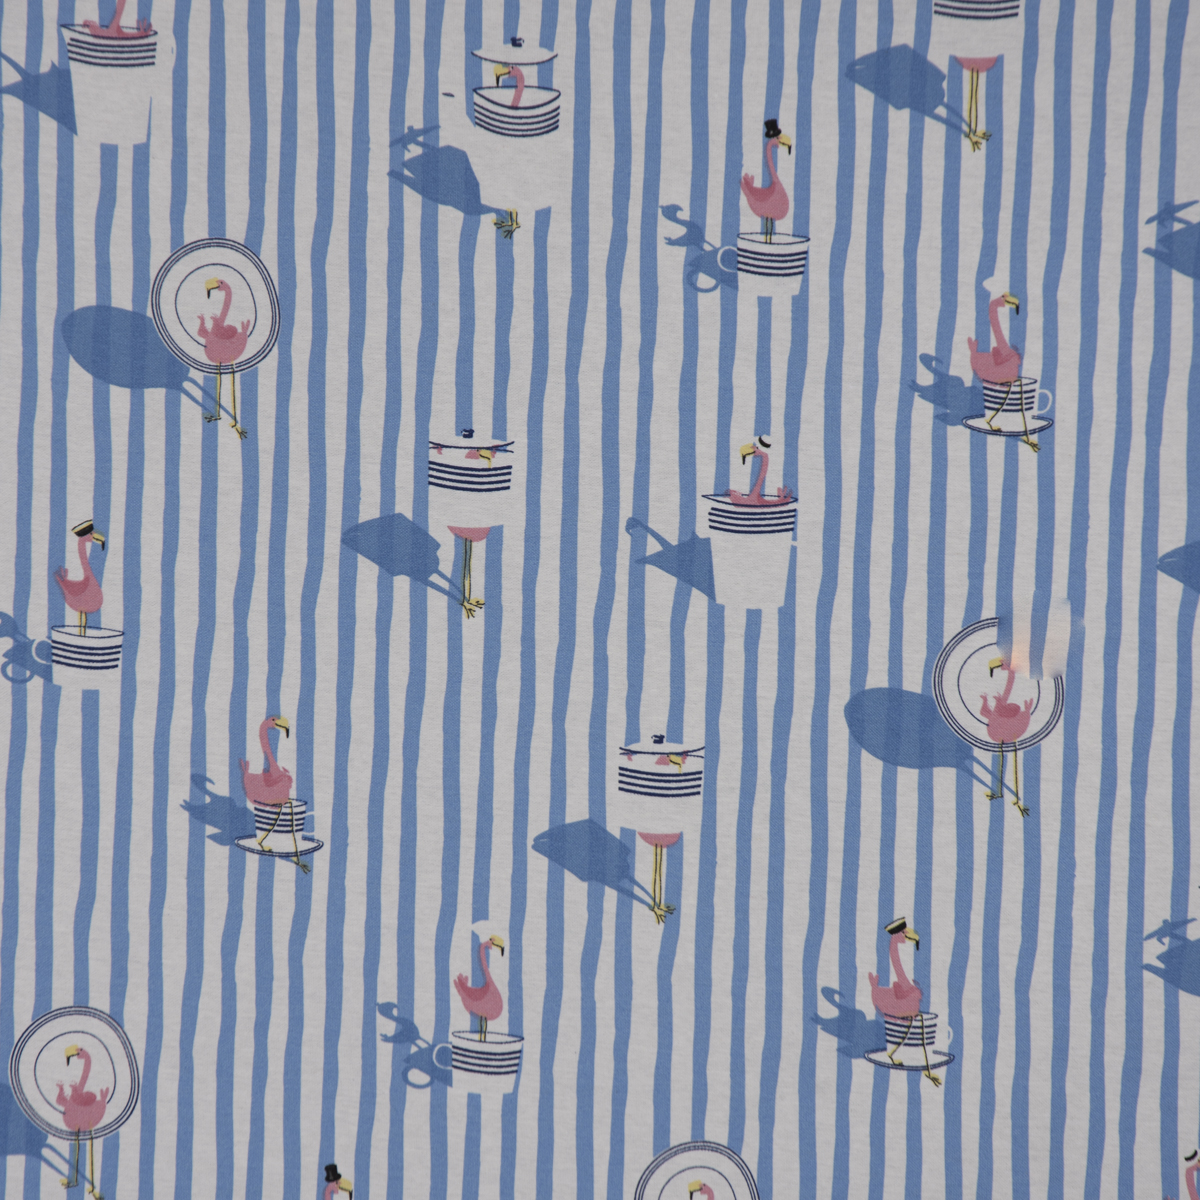 Dekostoff Ottoman Canvas Flamingo Streifen maritim hellblau ecru 1,40m Breite